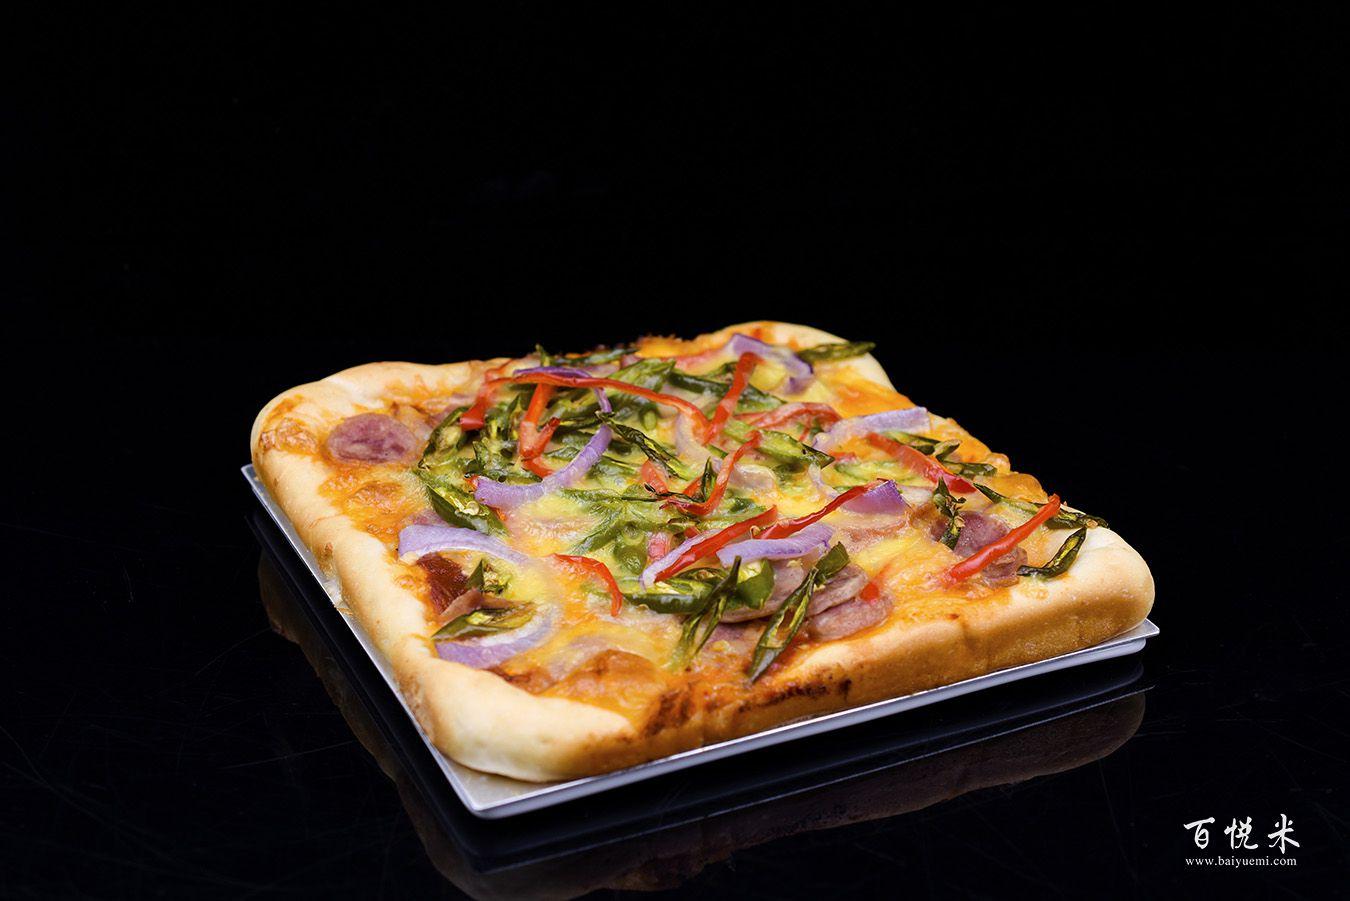 脆肠披萨高清图片大全【蛋糕图片】_1185